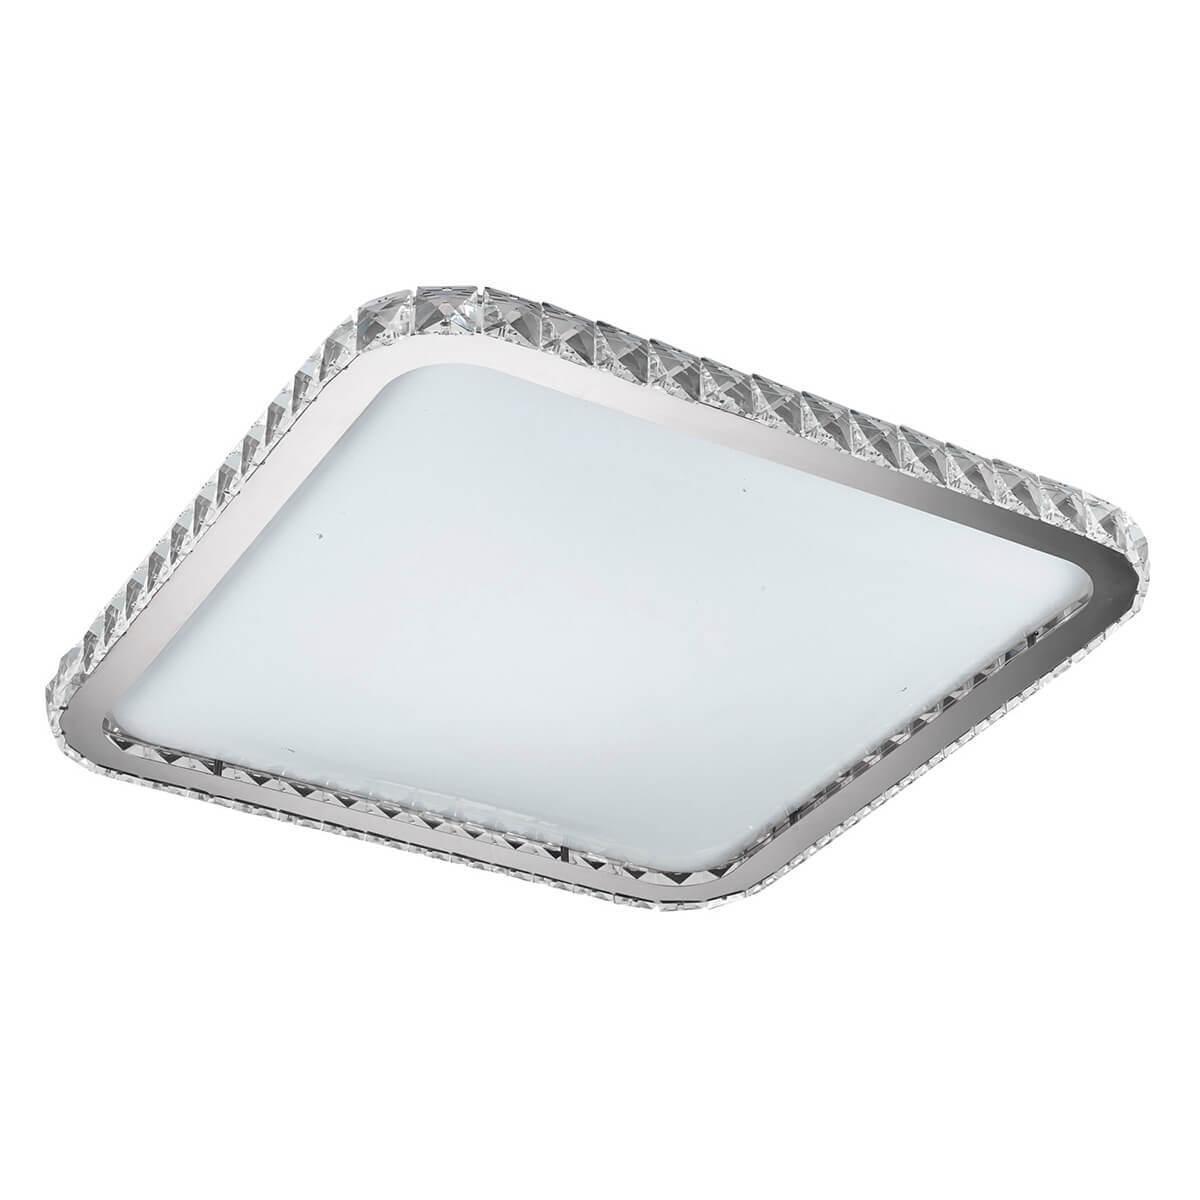 Потолочный светильник Omnilux OML-47417-60, LED, 60 Вт